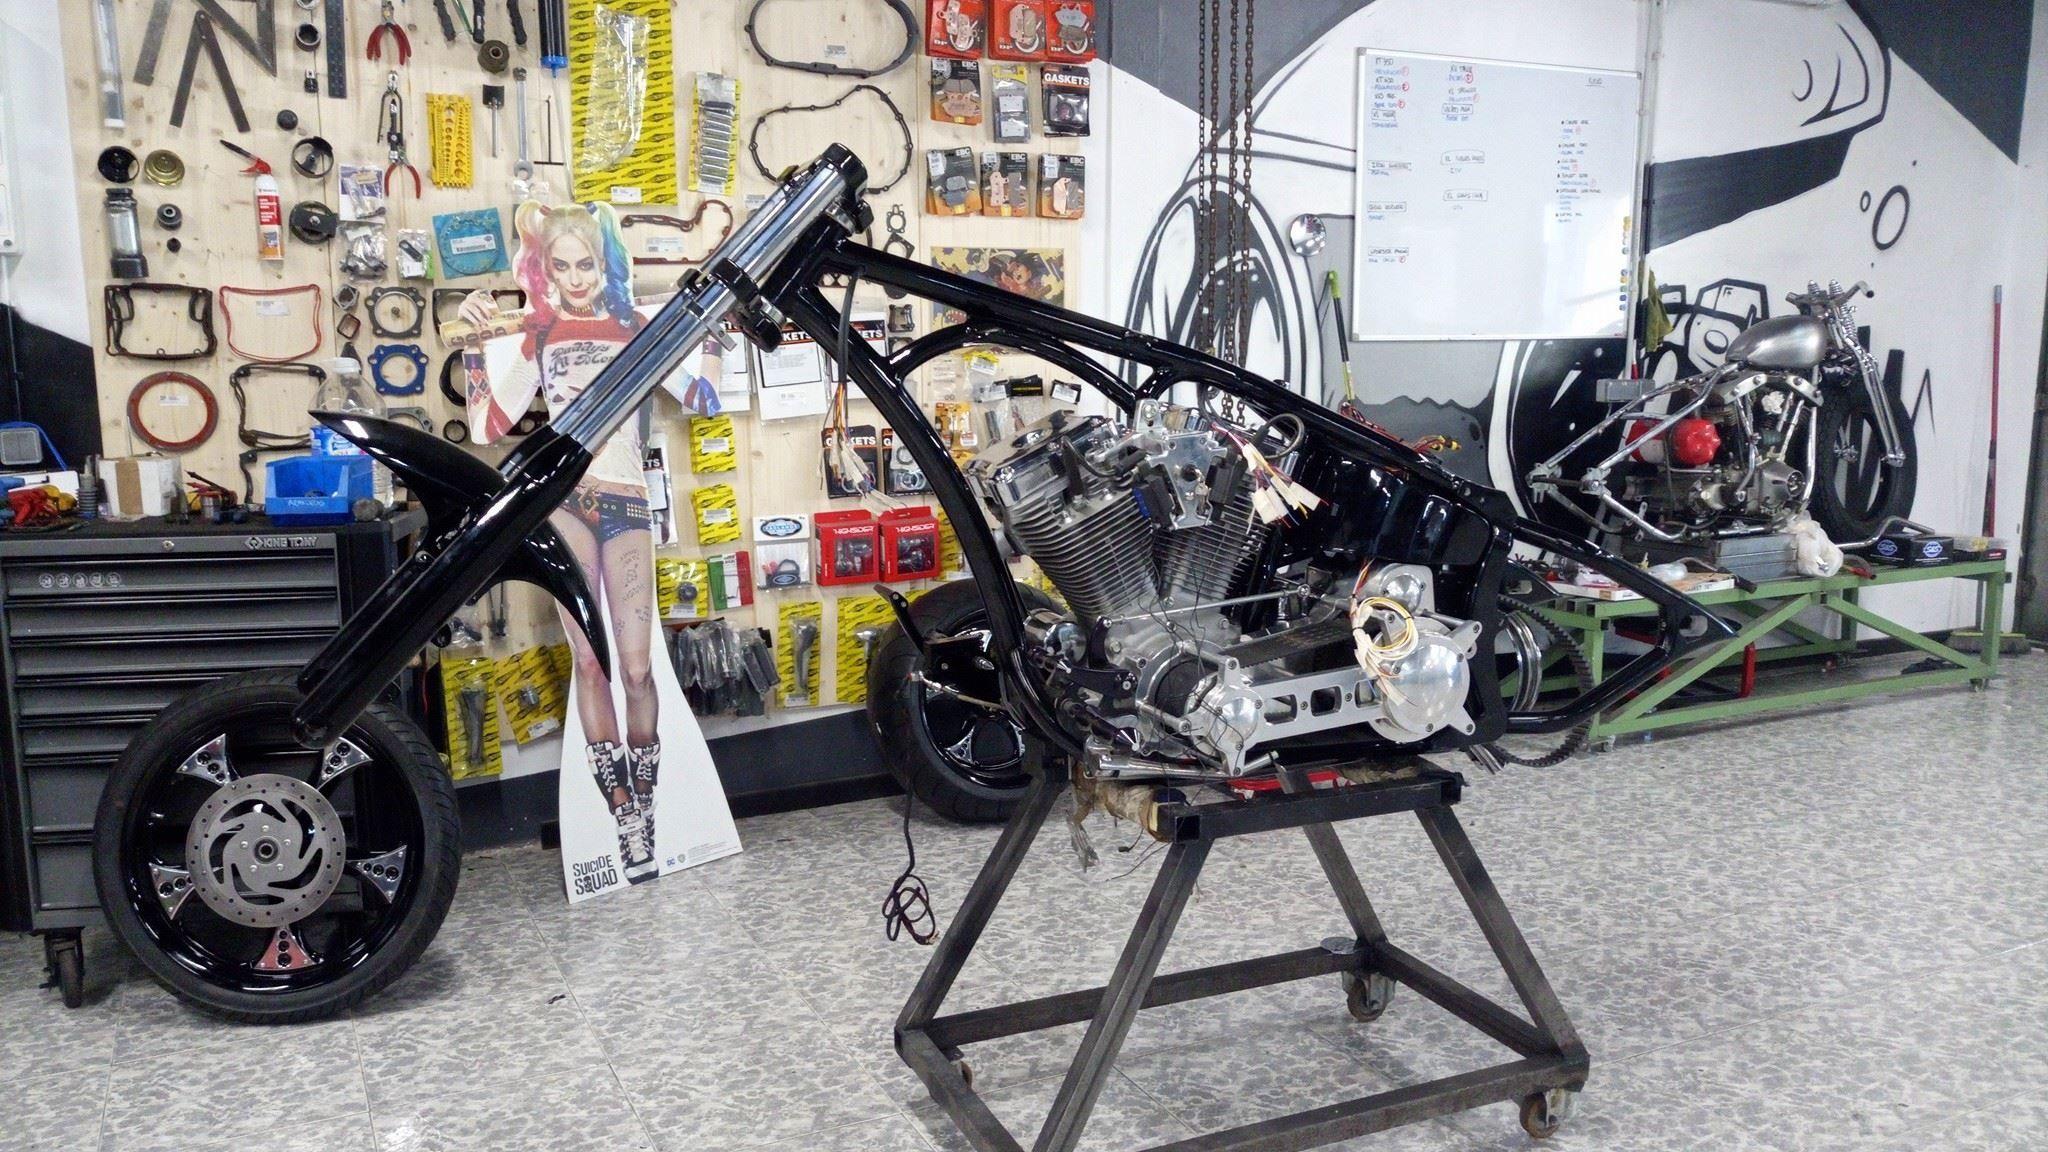 Imagen de Quique Maqueda en Motorbike parts